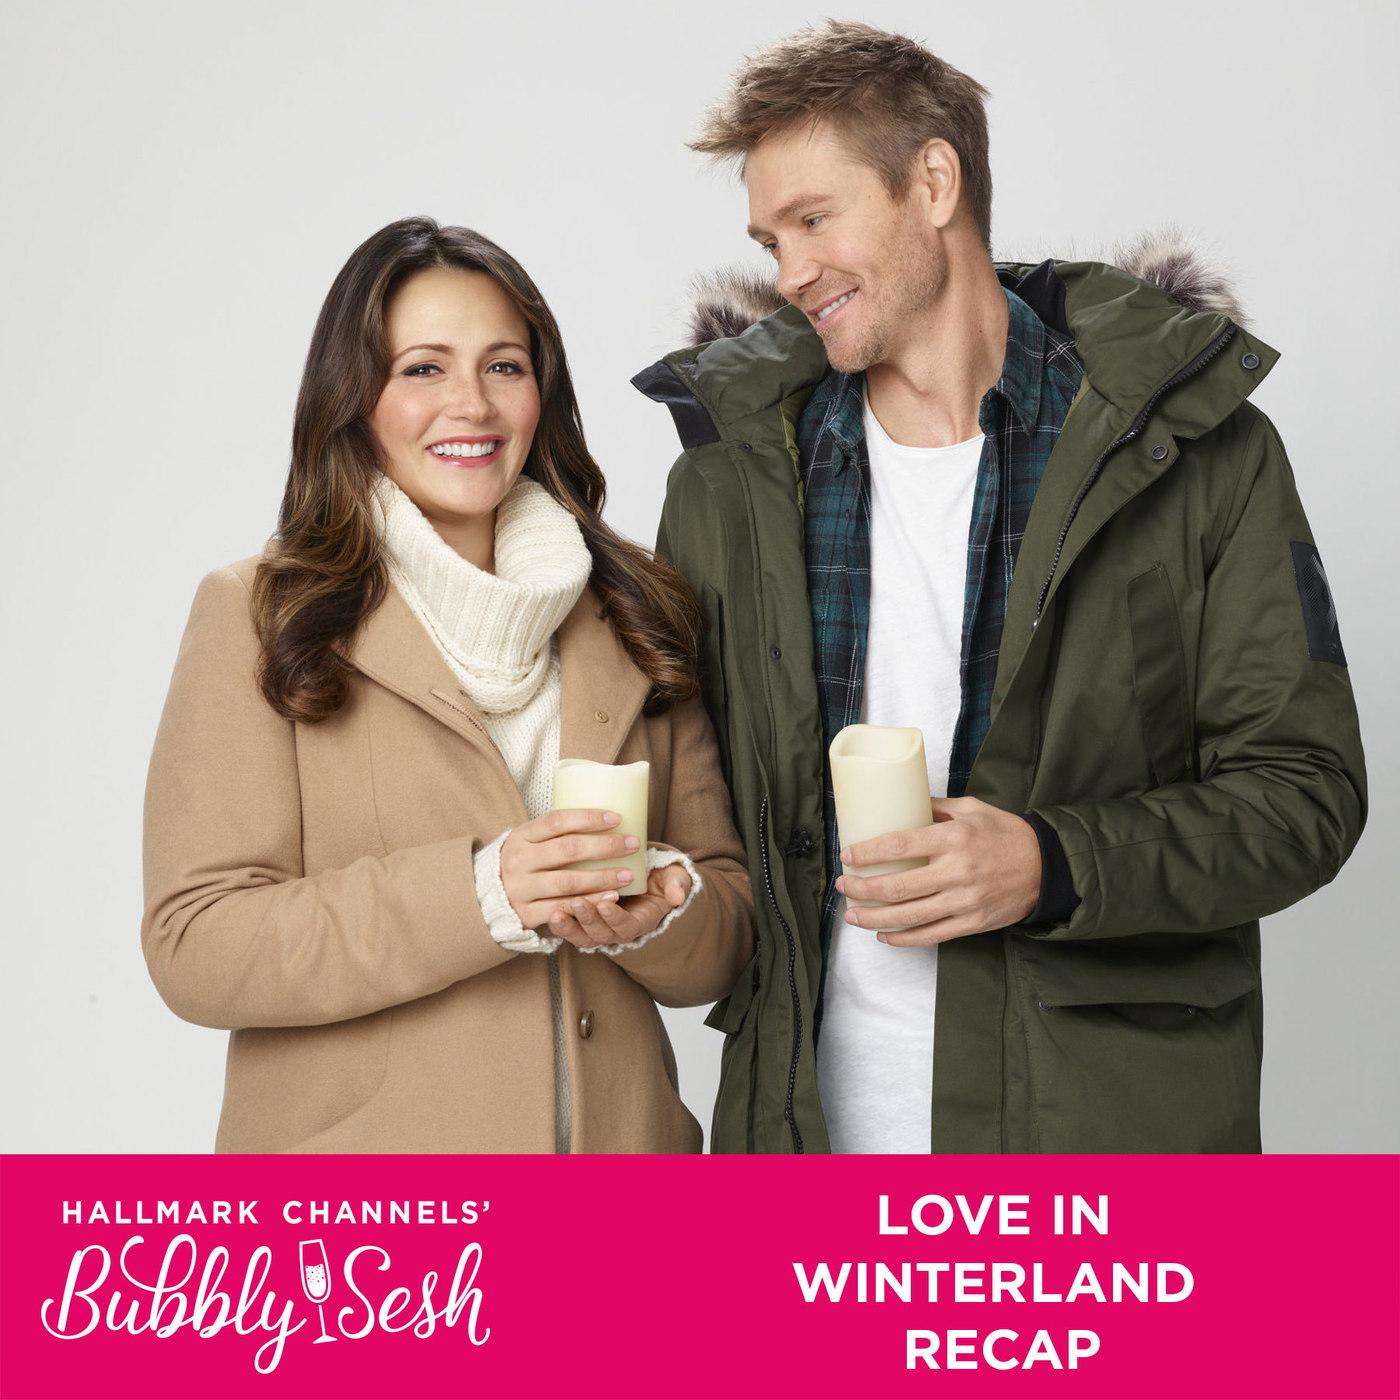 Love in Winterland Recap